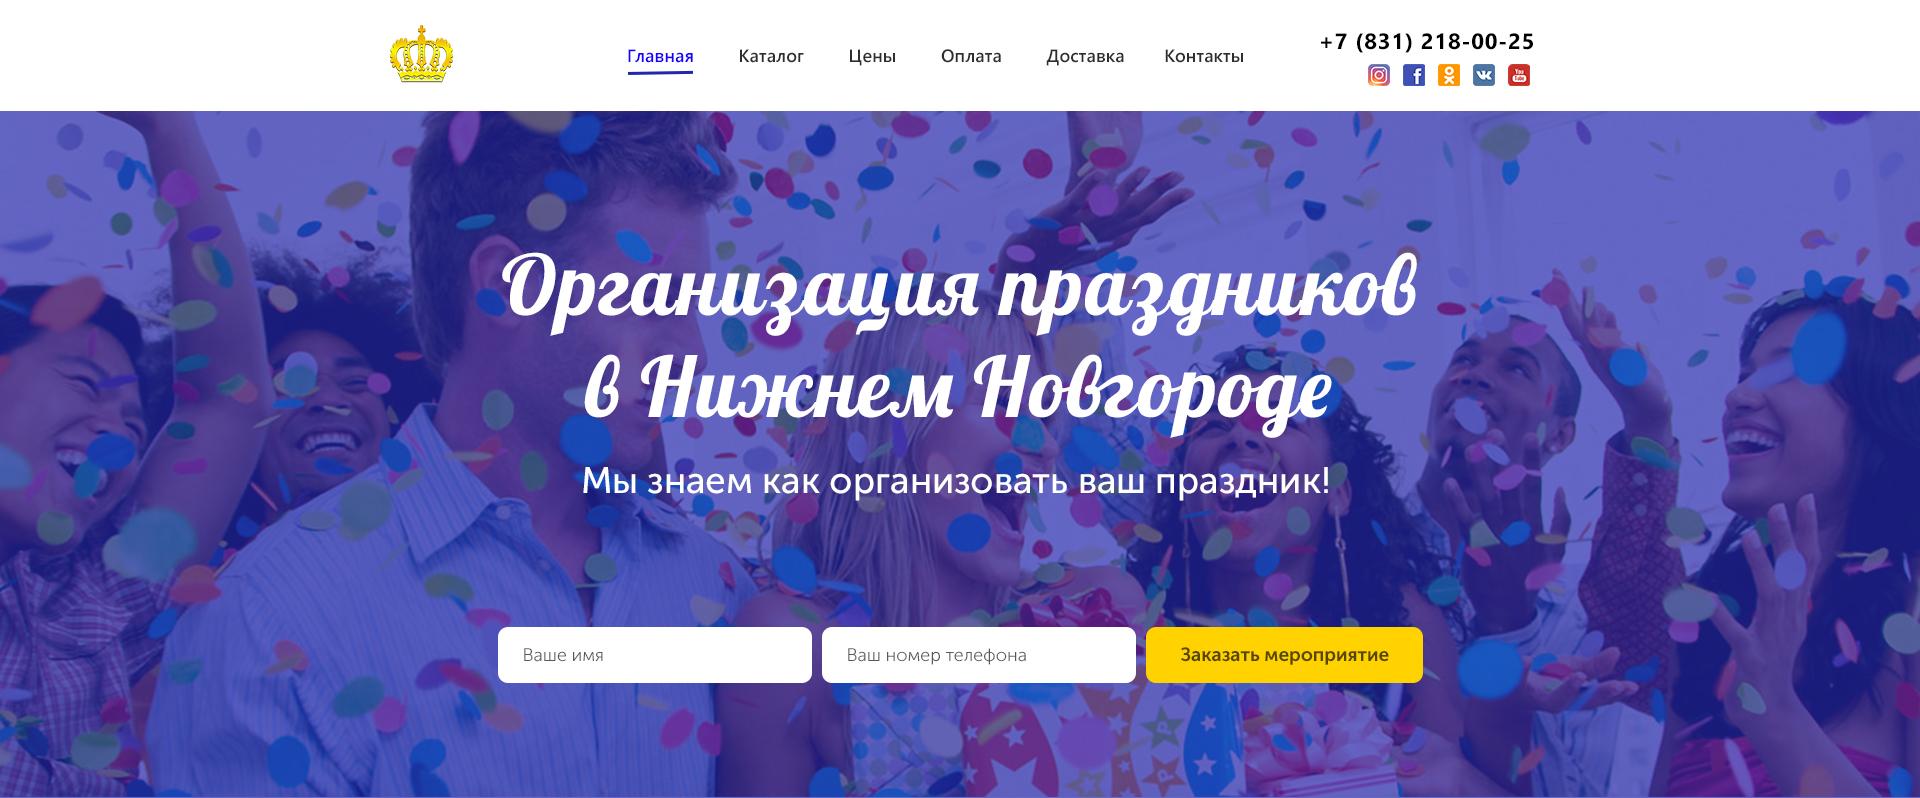 Ищем хорошего веб дизайнера.  фото f_6245a9f7e6f3972d.jpg